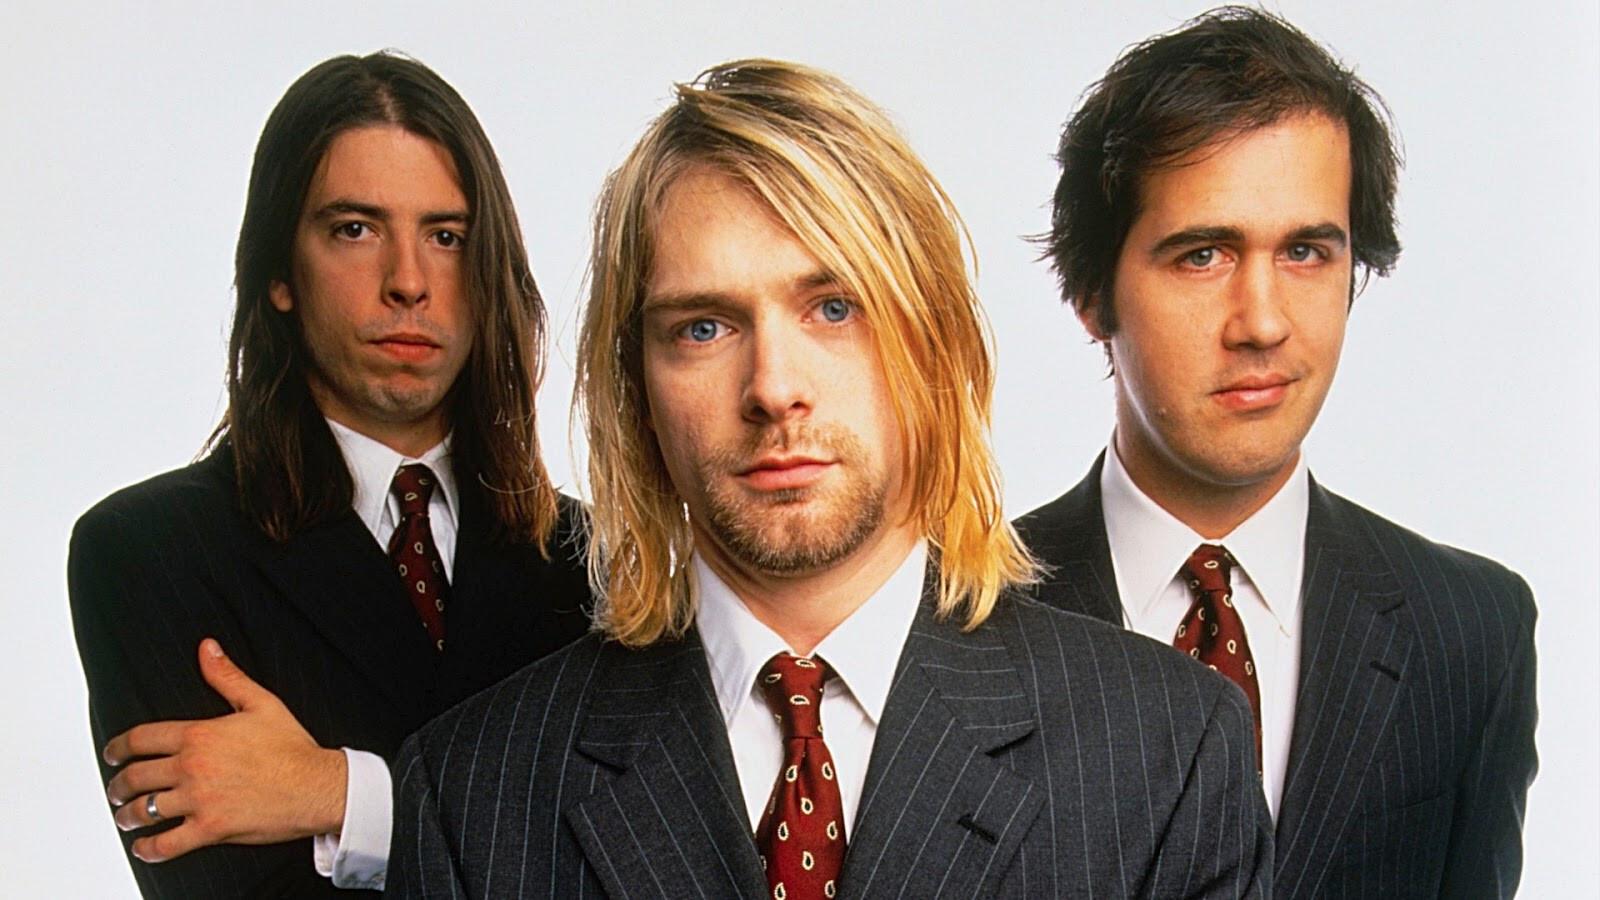 Искусственный интеллект выпустил новую песню Nirvana